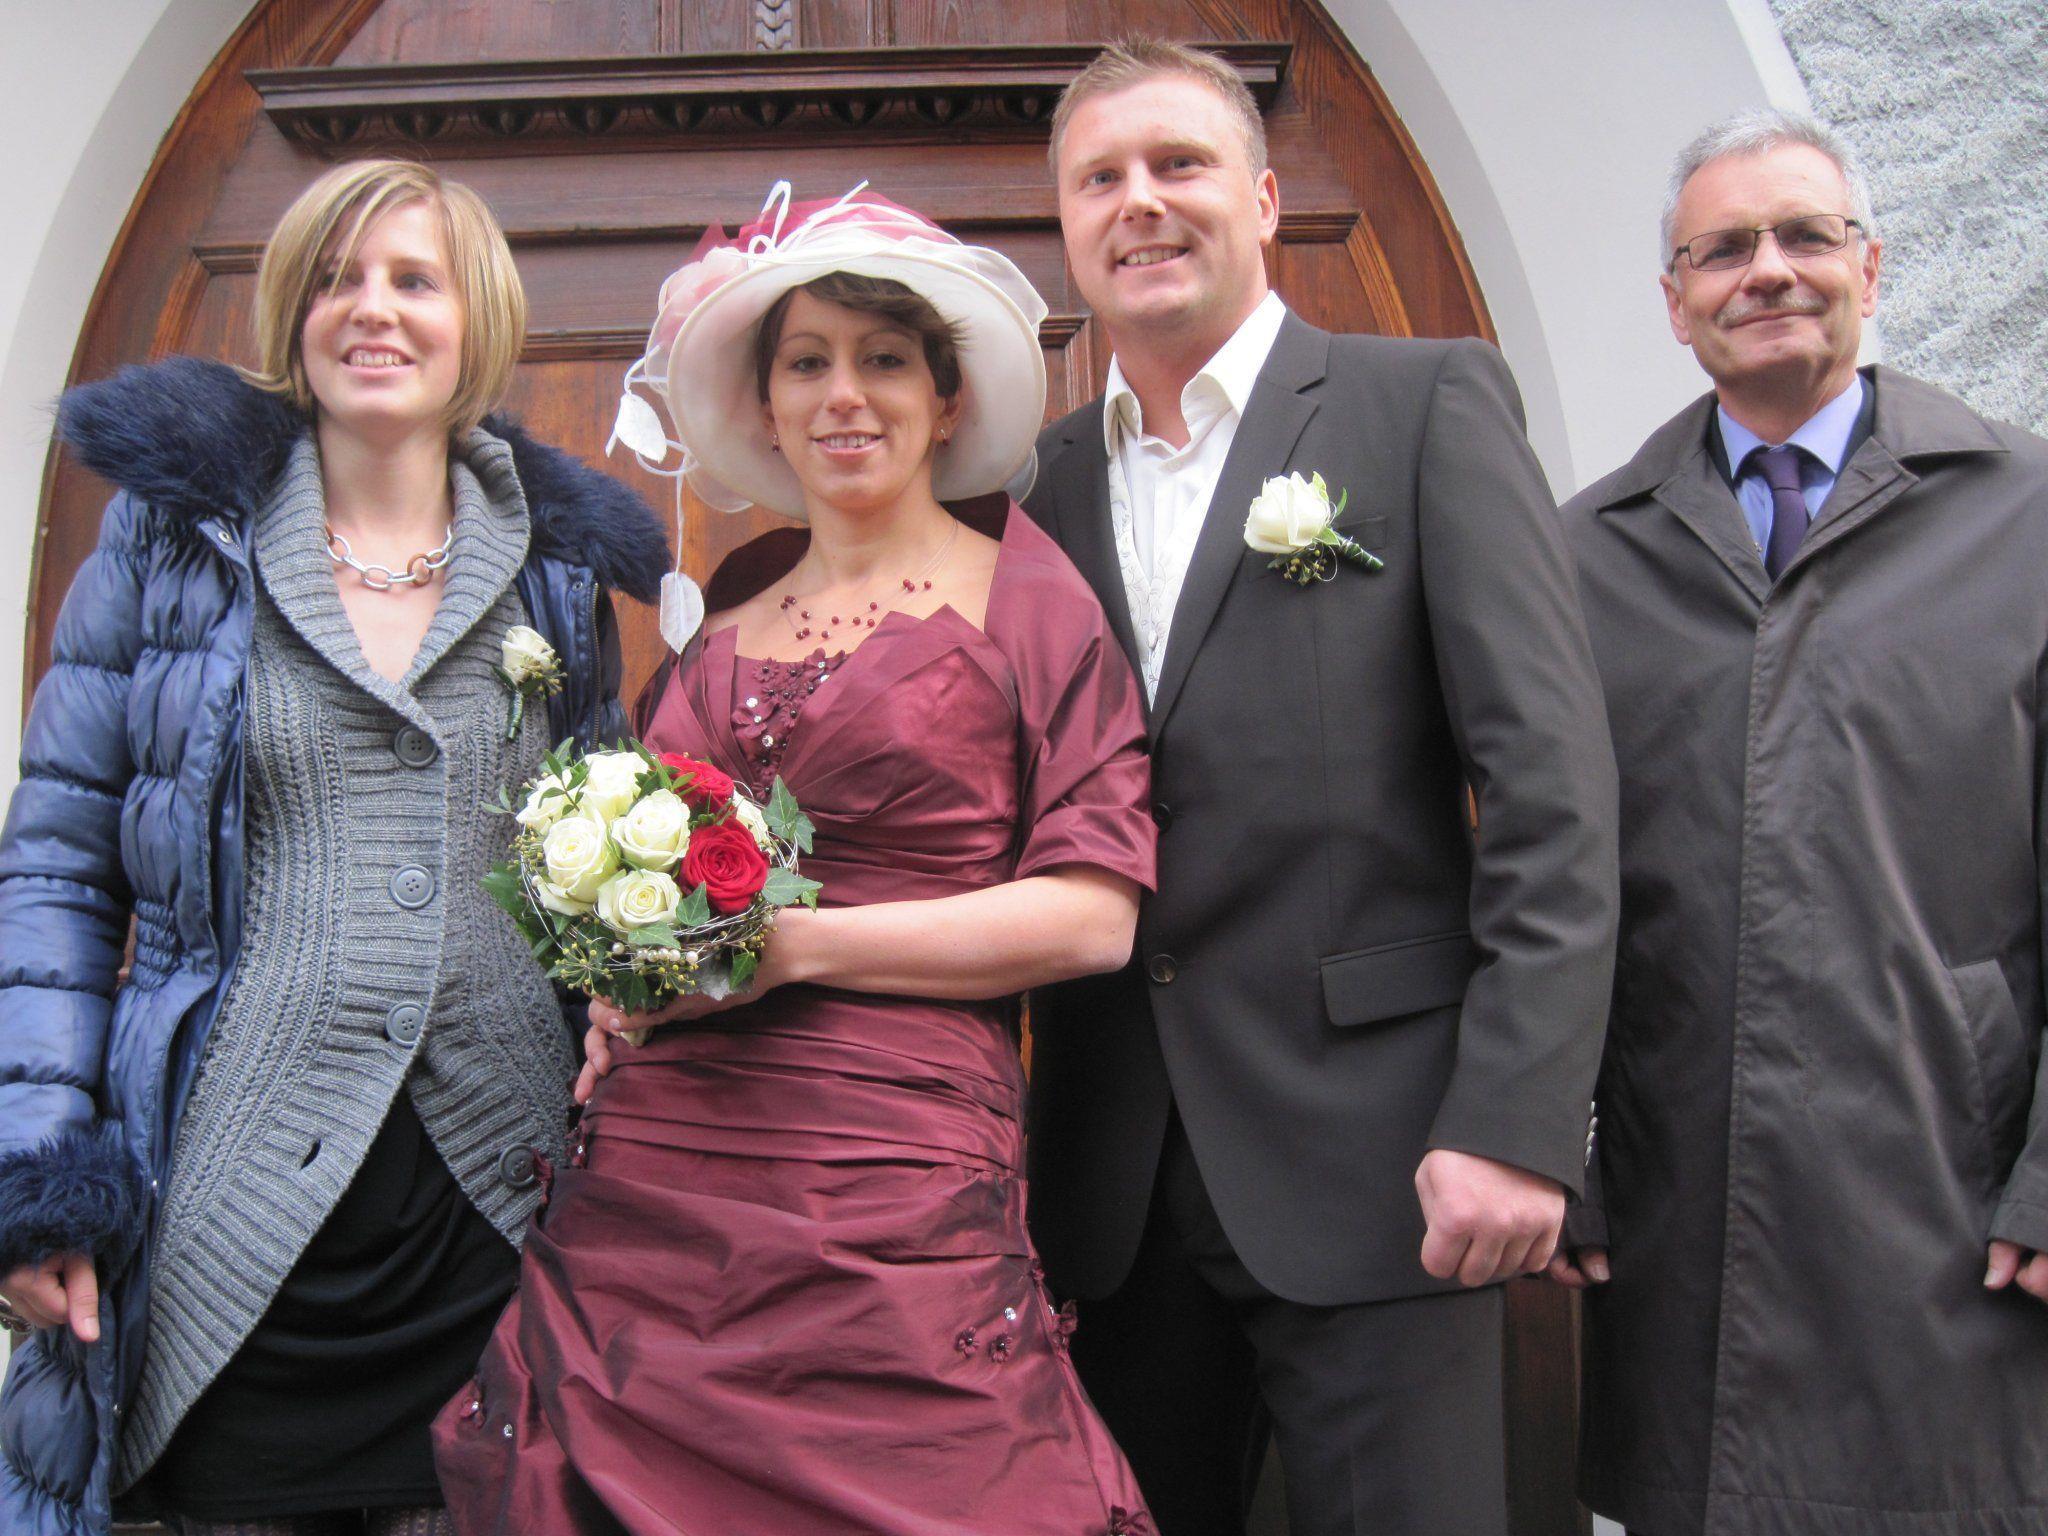 Barbara und Hubert Lugger haben in der Dreifaltigkeitskirche geheiratet